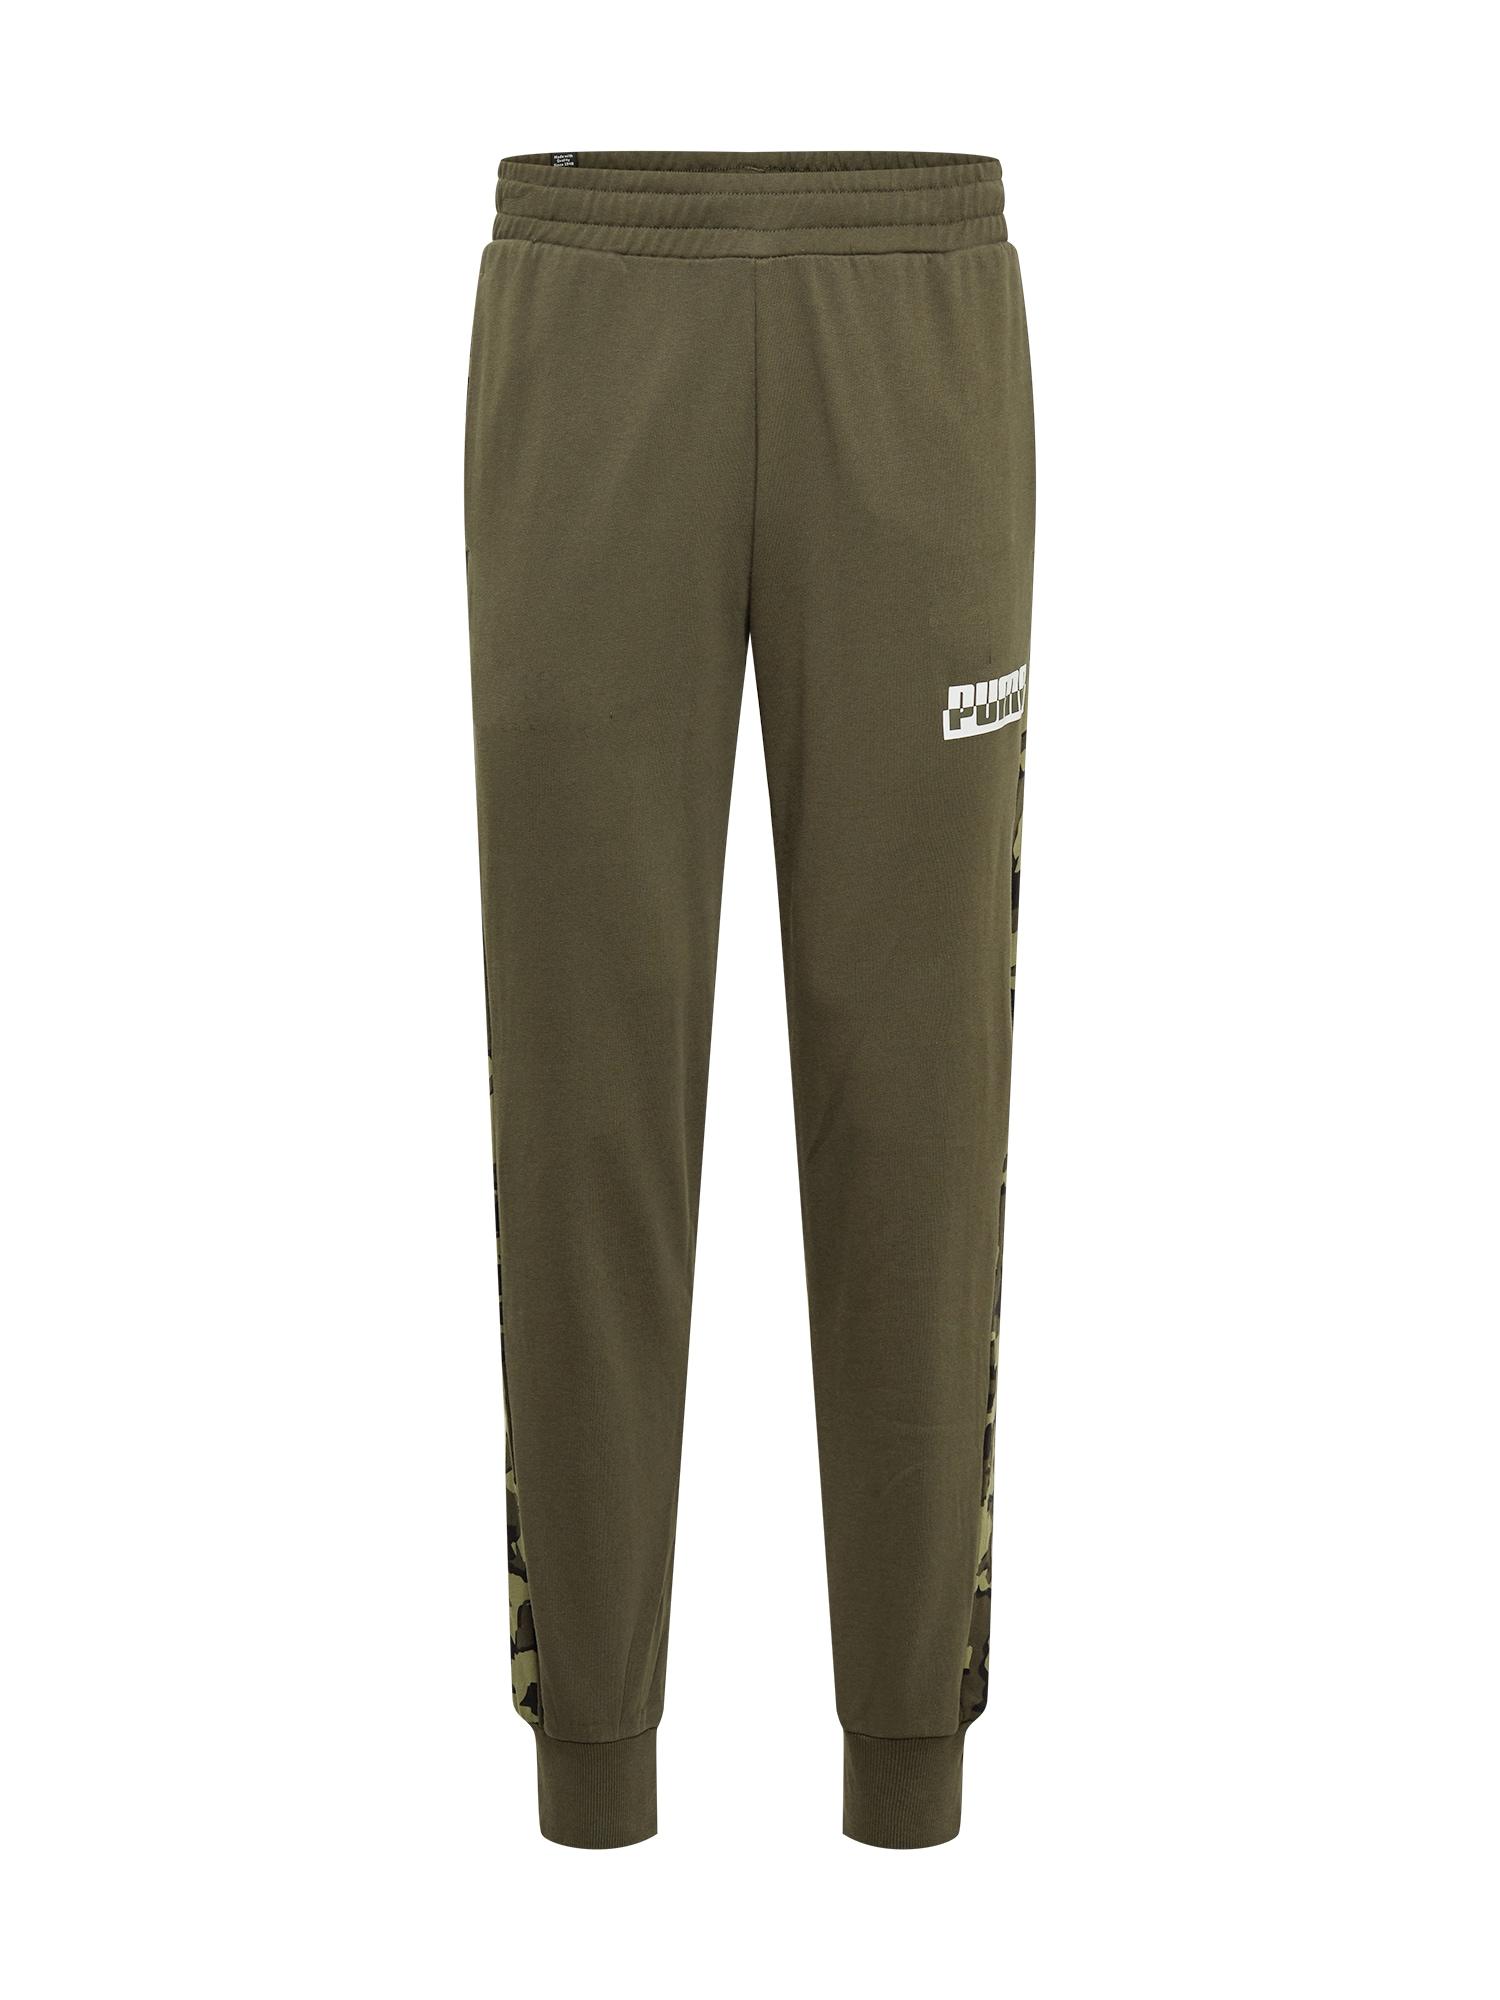 PUMA Sportinės kelnės tamsiai žalia / alyvuogių spalva